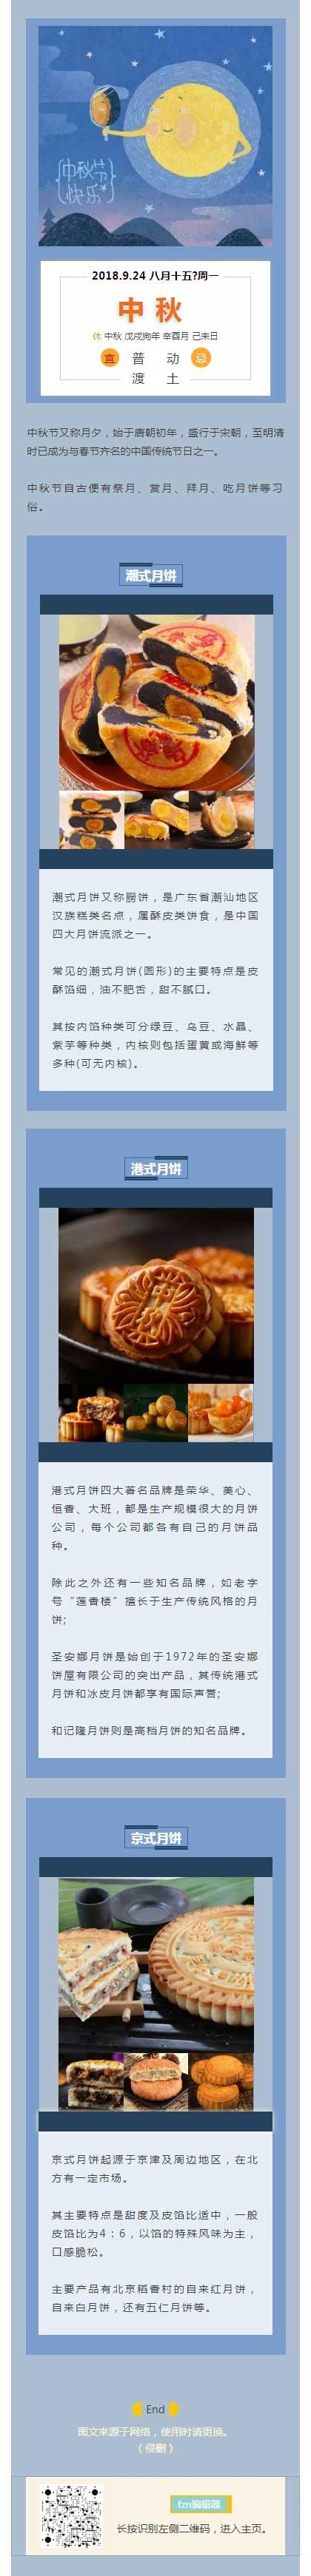 中秋节又称月夕赏月、拜月、吃月饼习俗传统文化